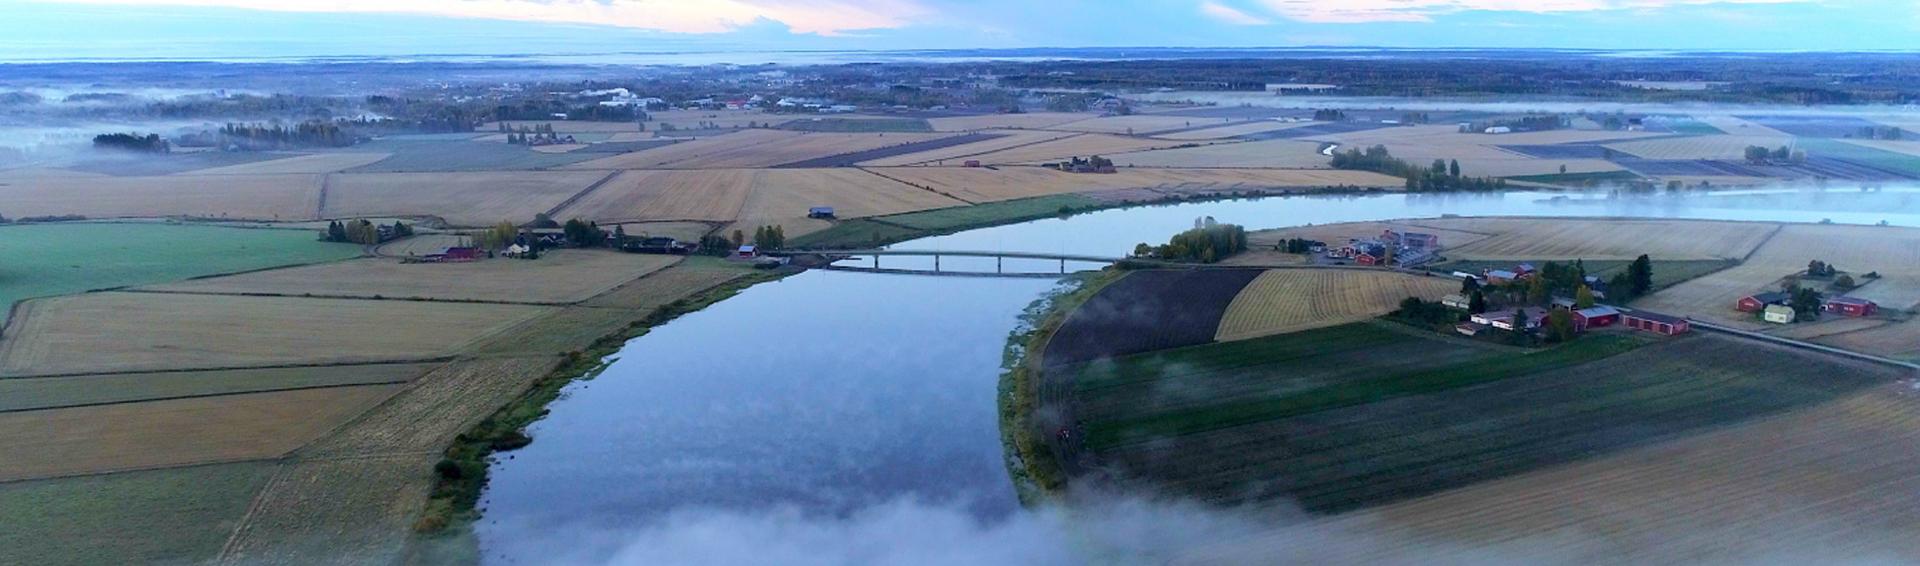 Peltojen keskellä virtaa sininen joki, joka tekee mutkan oikealle. Joen yli kulkee silta.